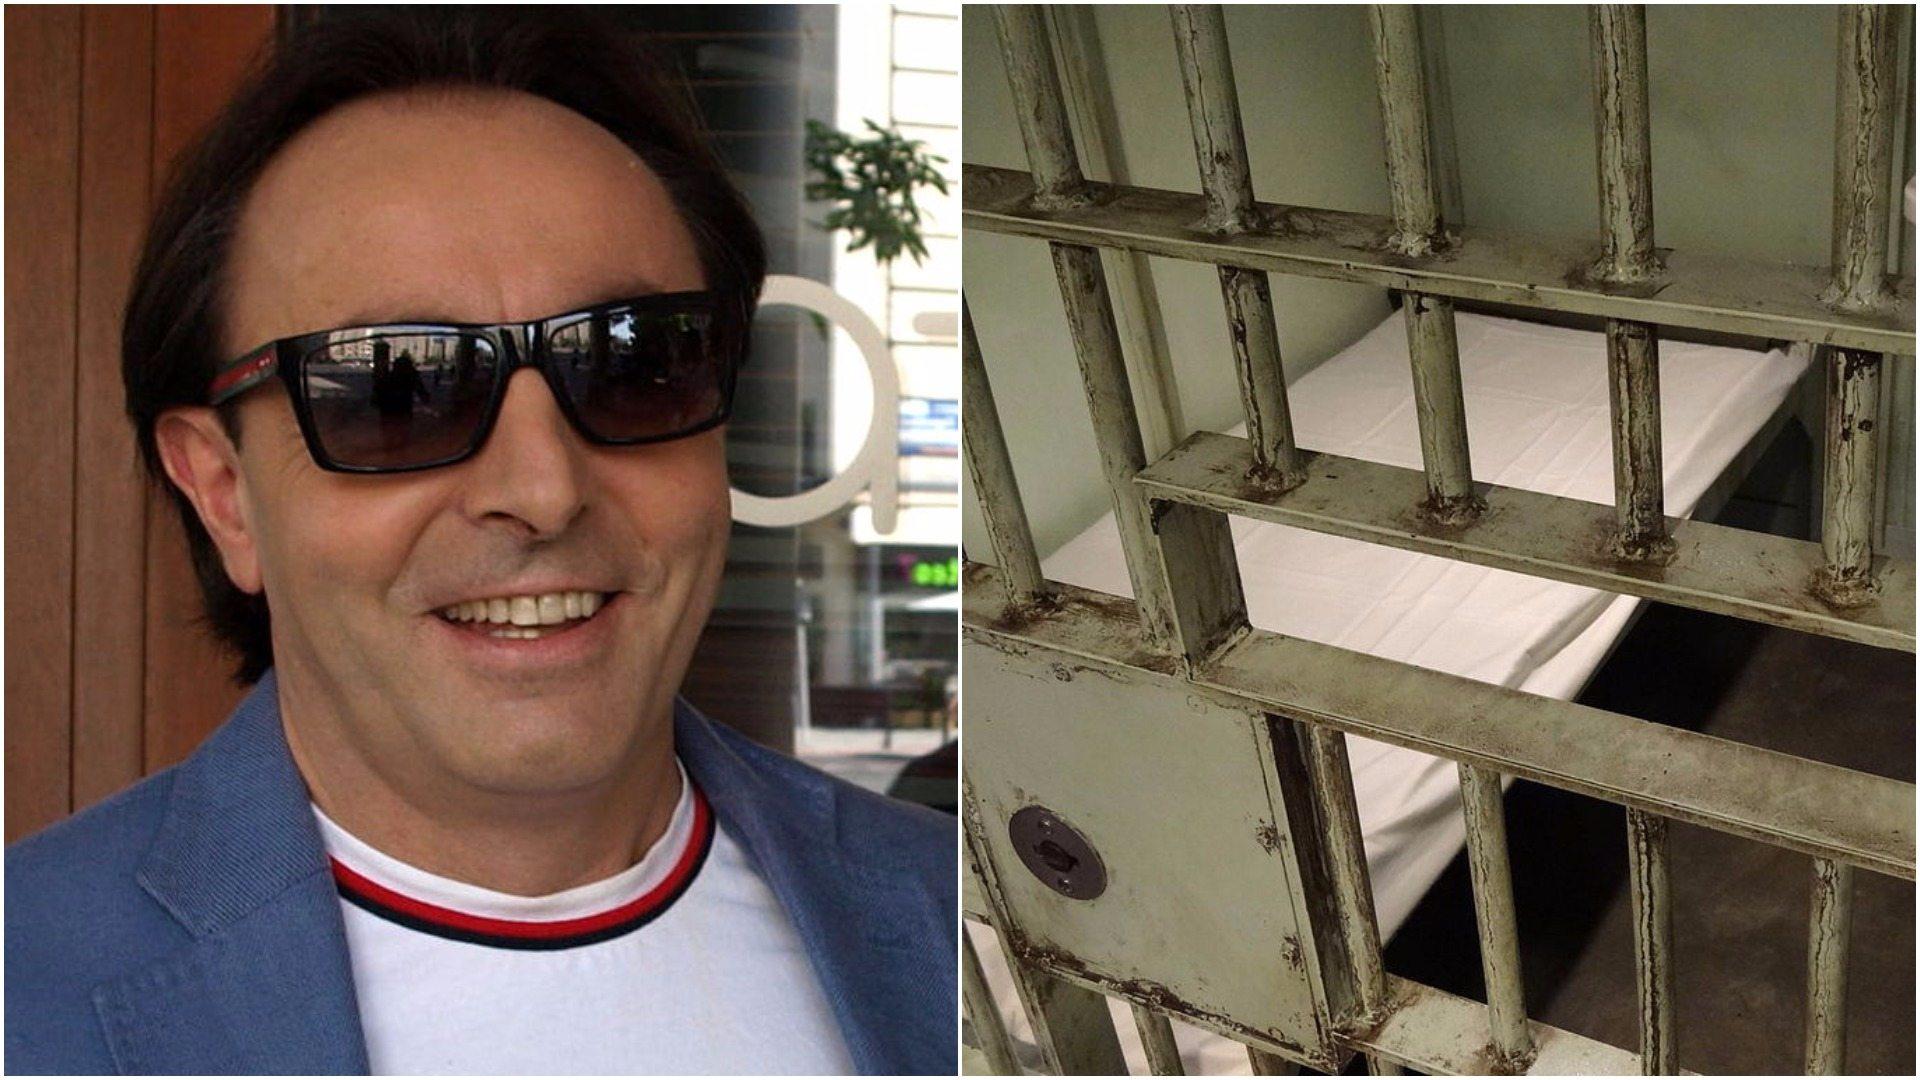 Gwiazda TVN siedziała w areszcie... za alimenty!